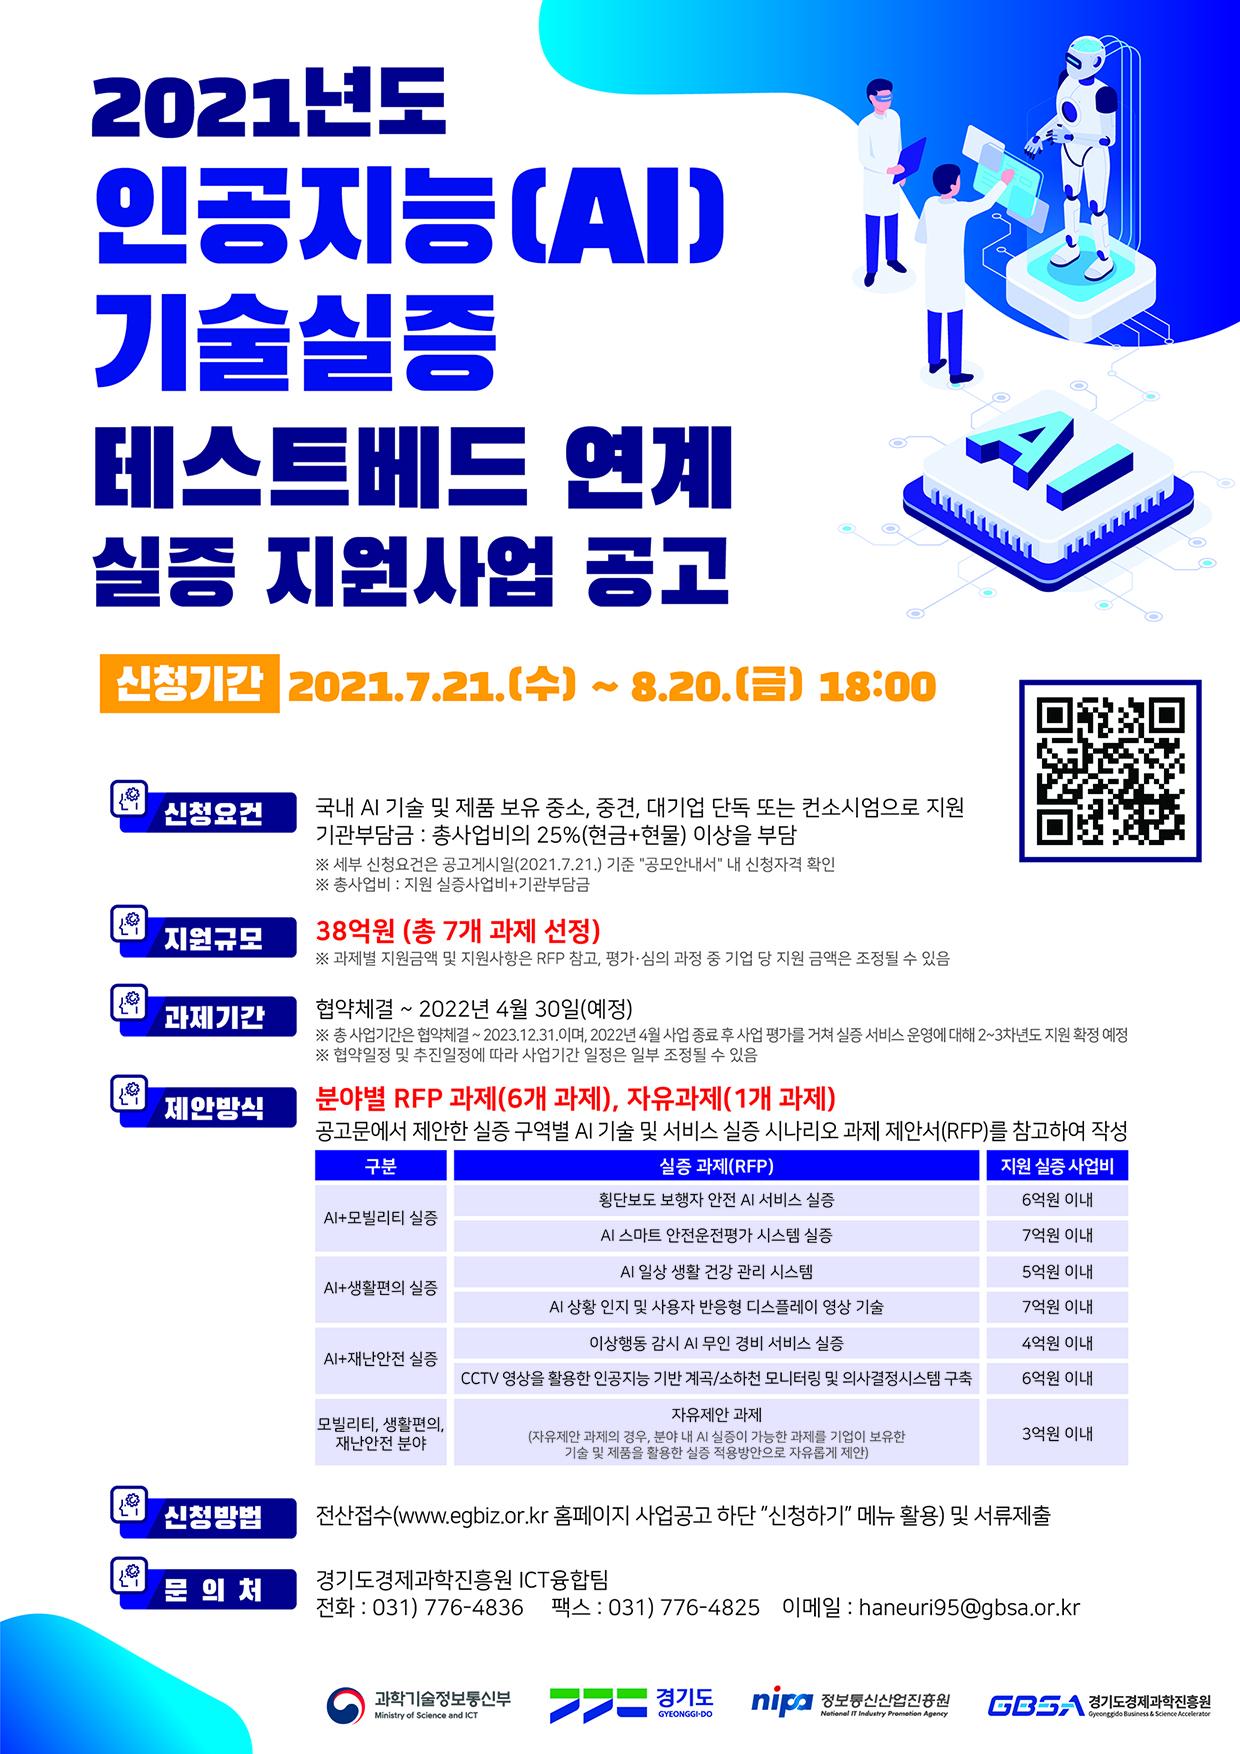 [경기도경제과학진흥원] 2021년 인공지능(AI) 기술실증 테스트베드 연계 실증 지원사업